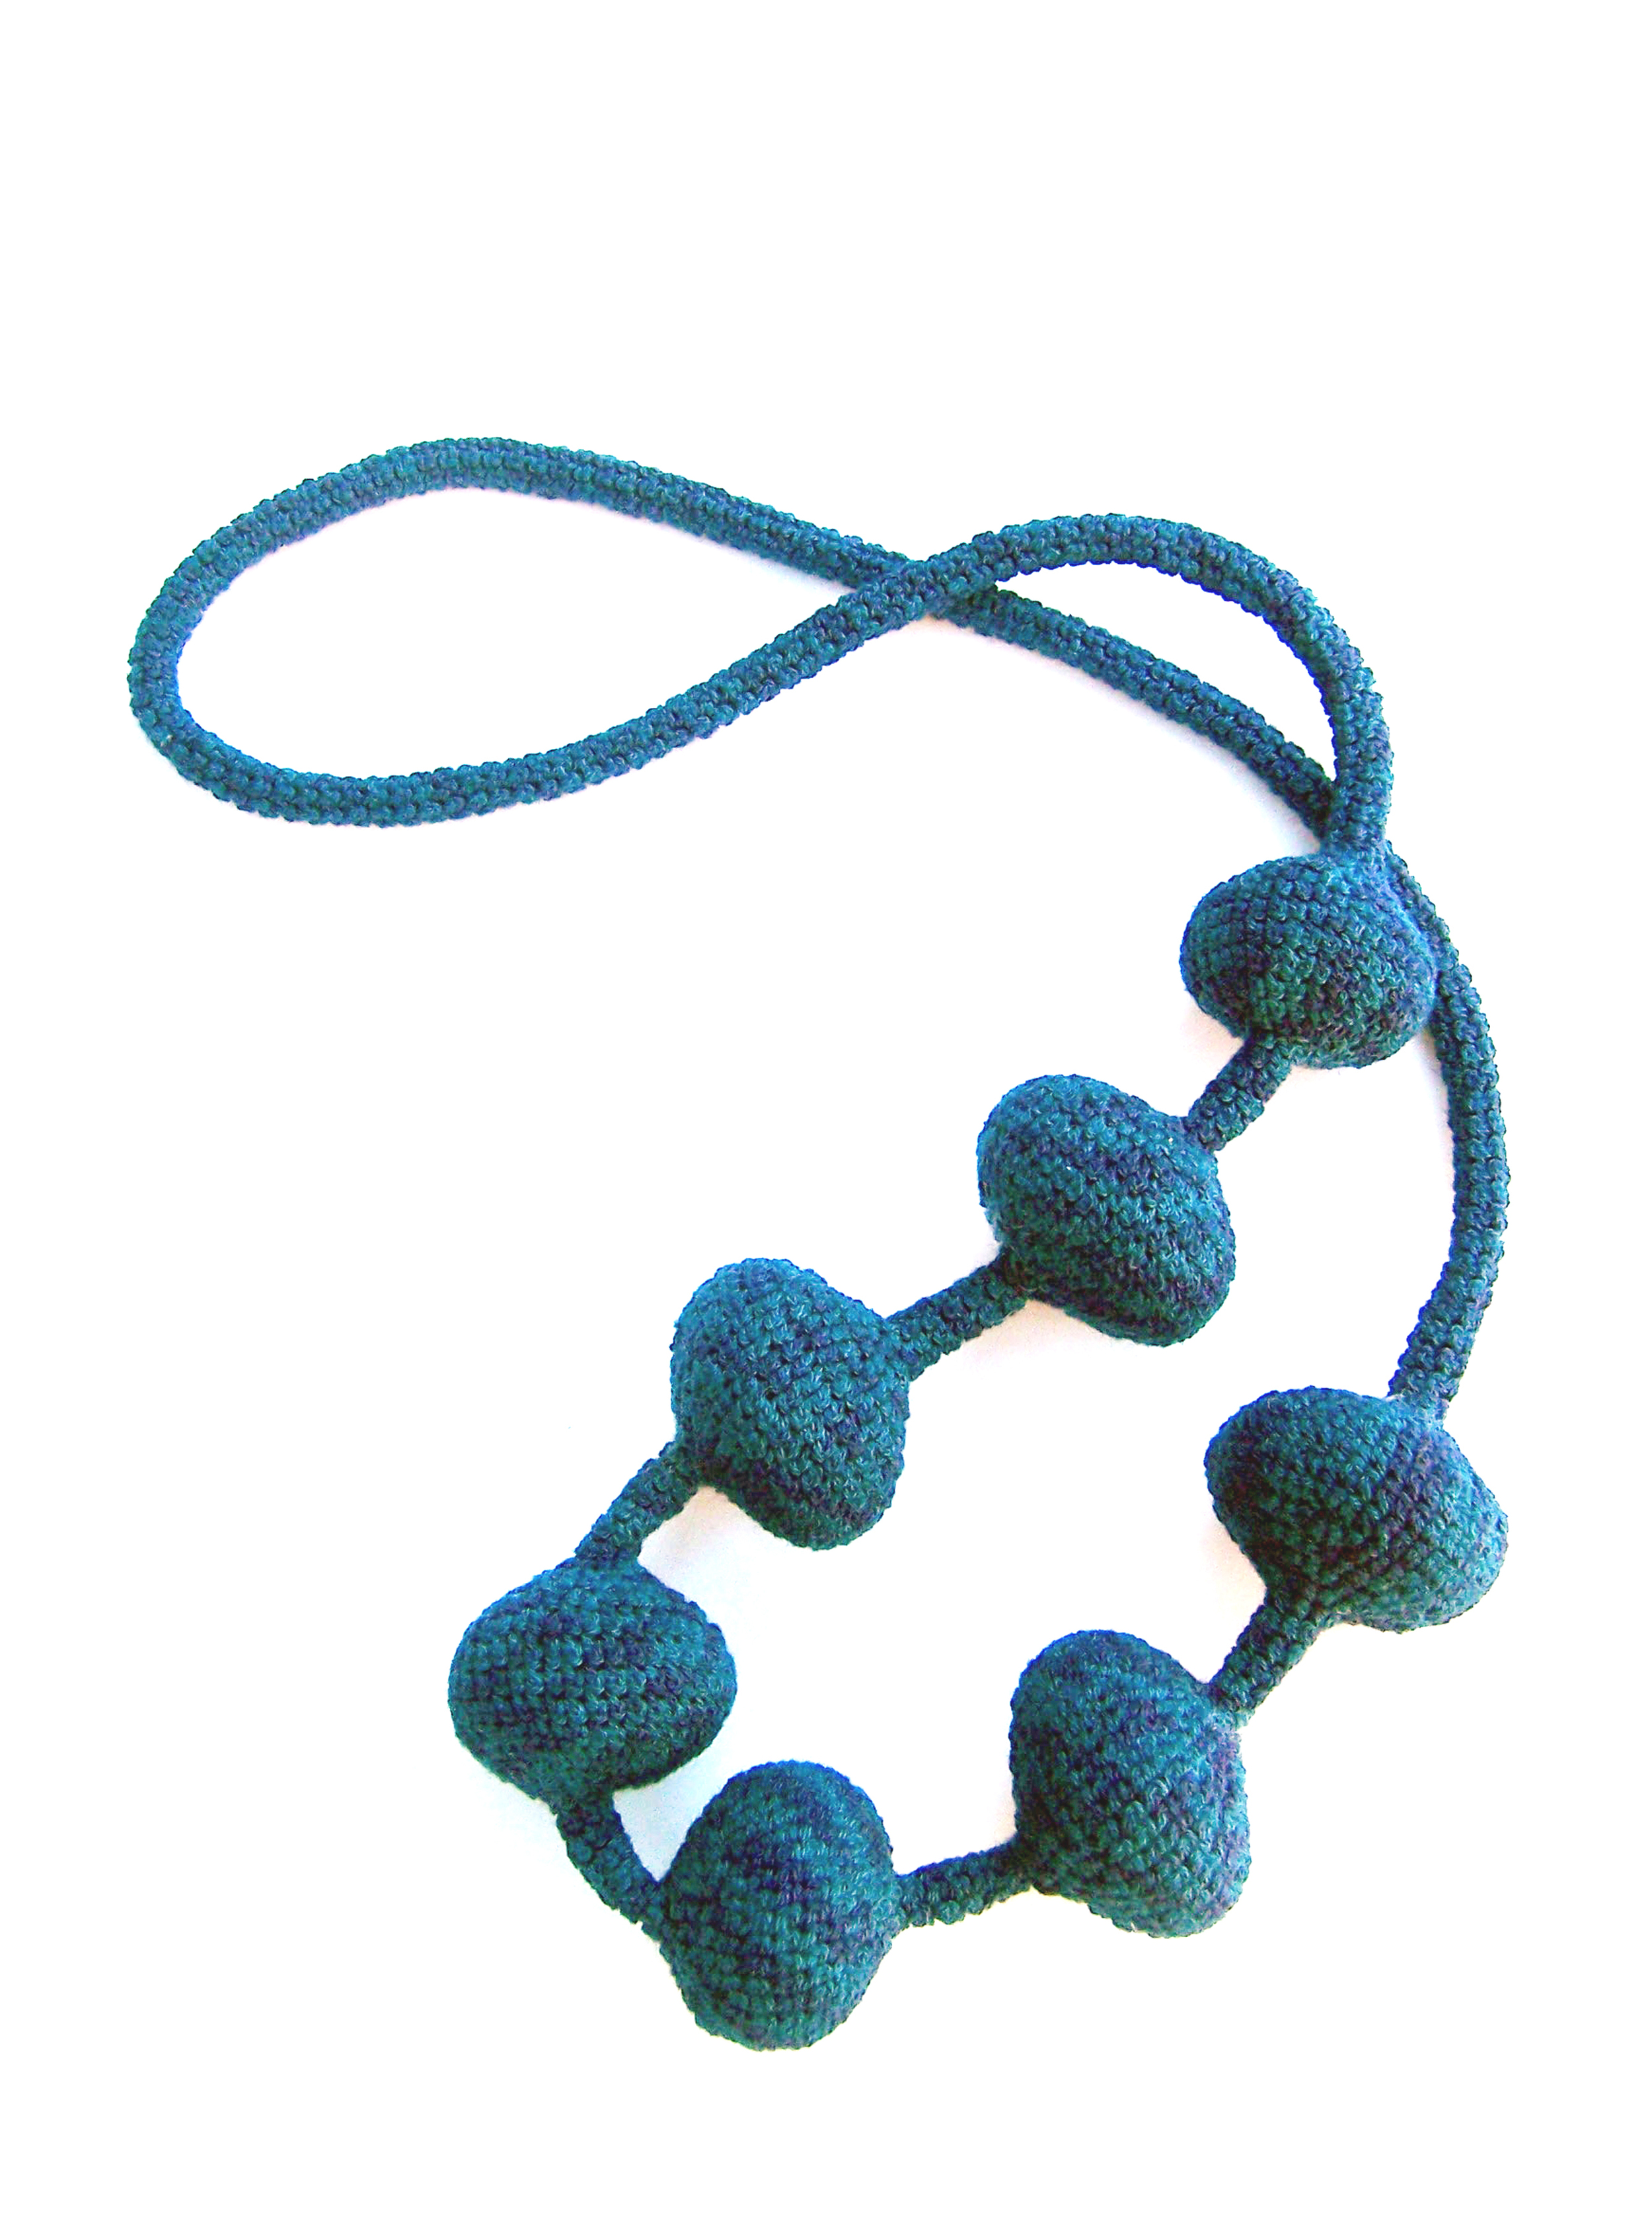 Nessa Beads